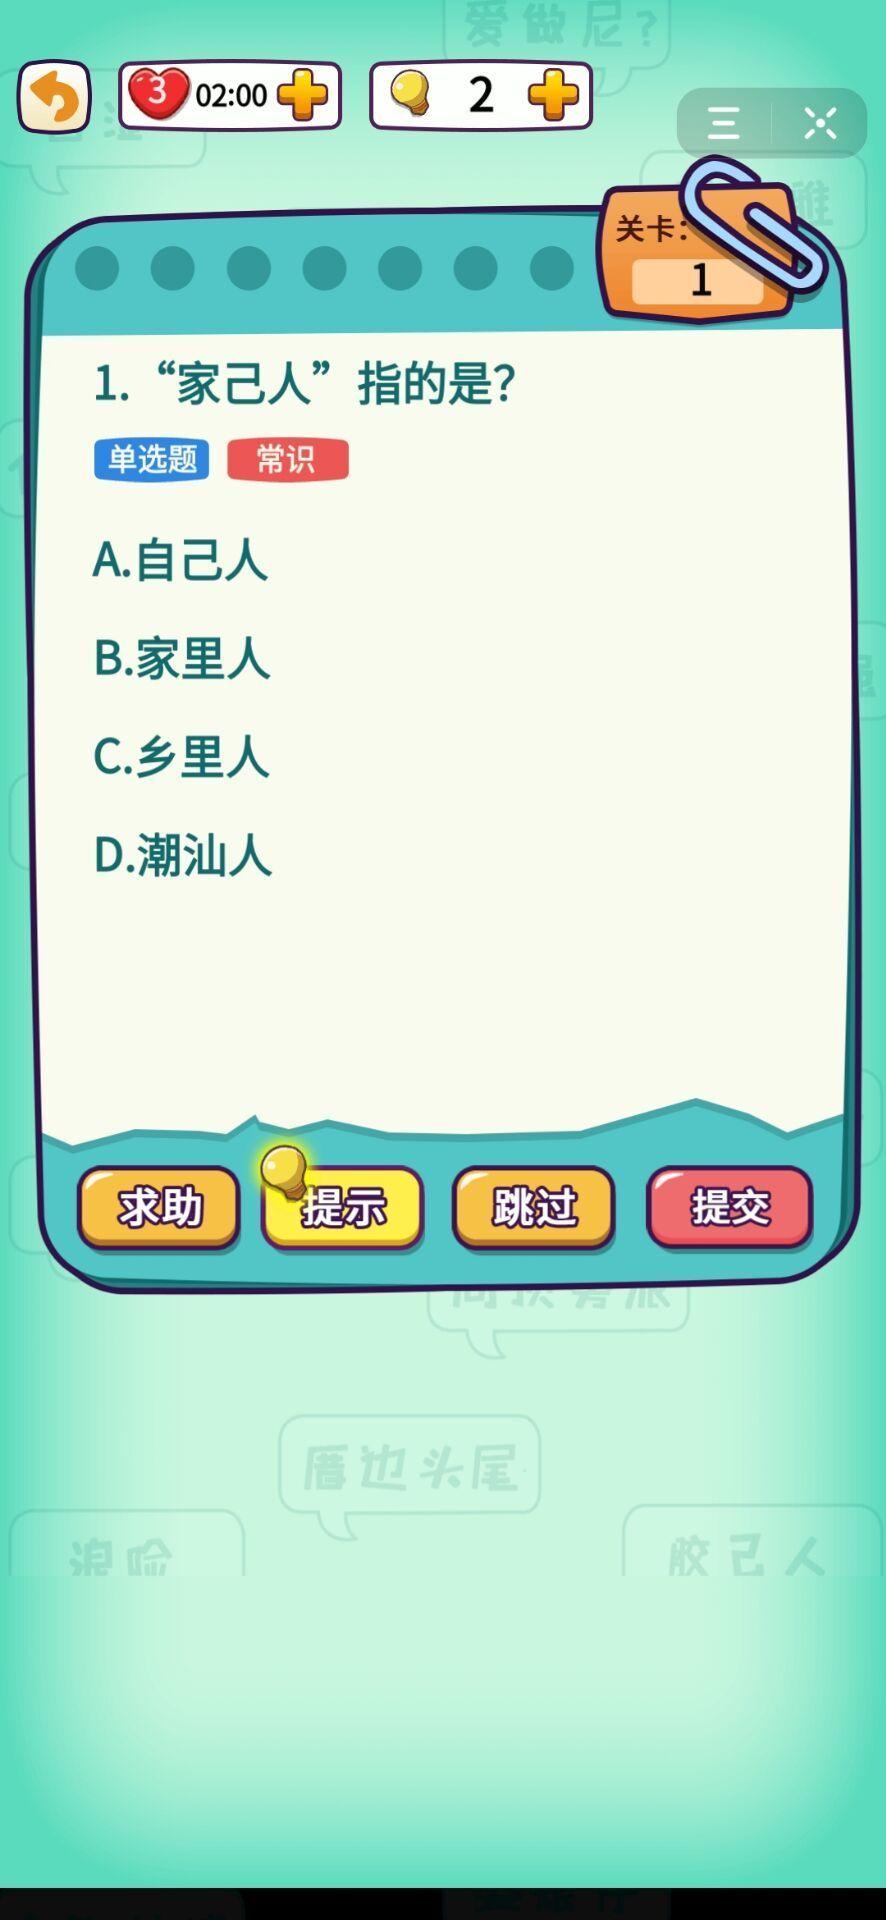 潮汕话测试游戏安卓手机版图1: